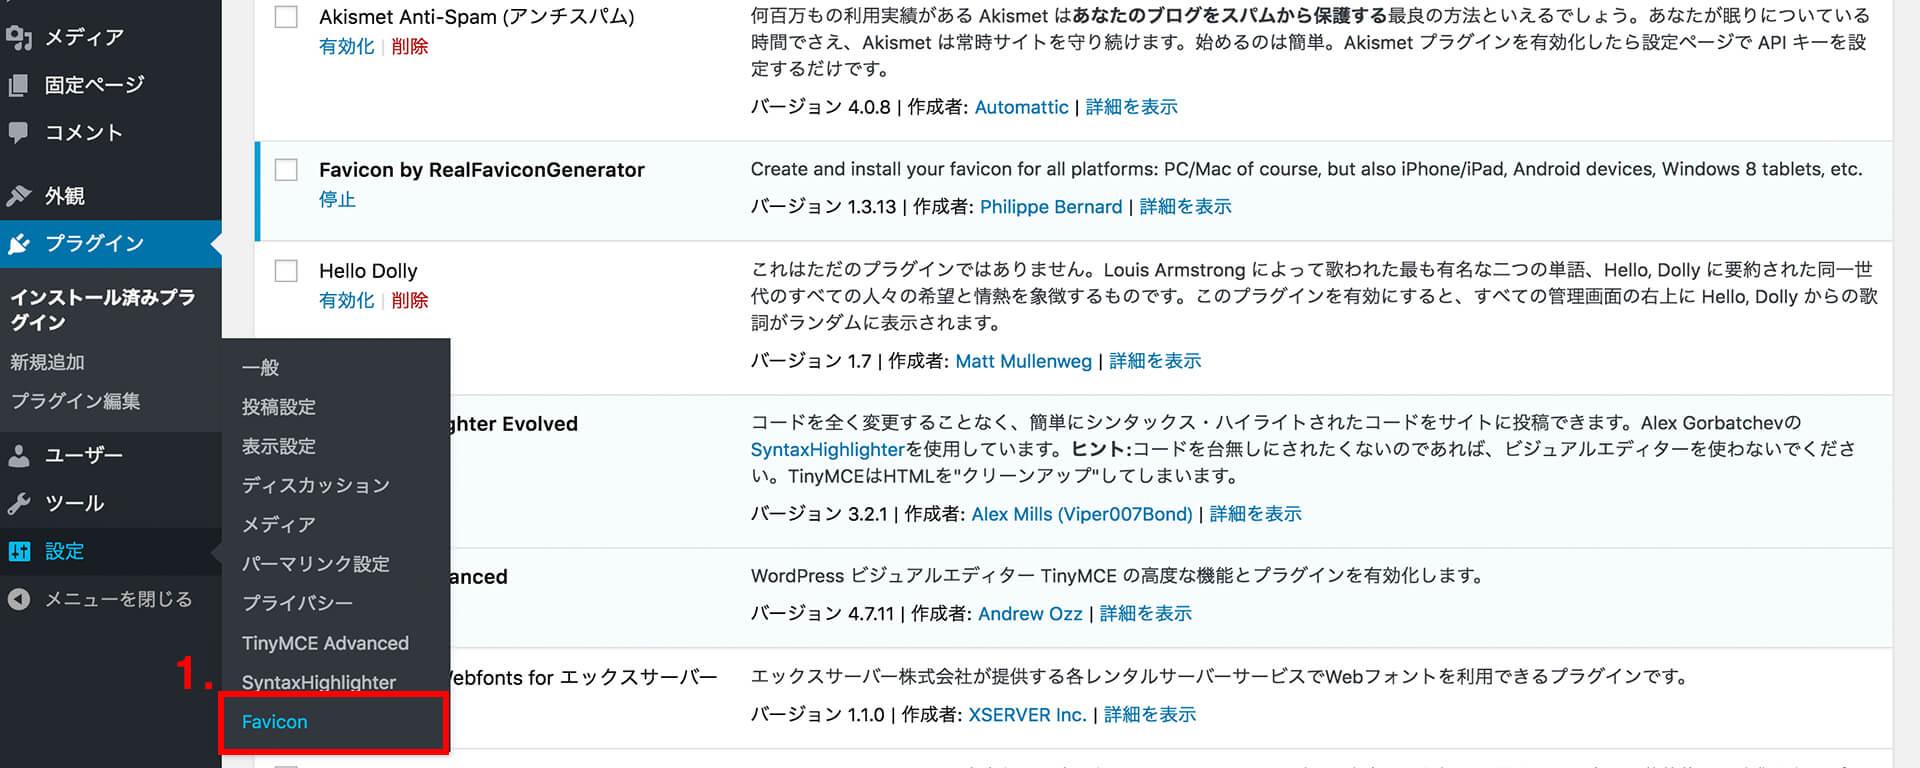 ダッシュボード→Favicon